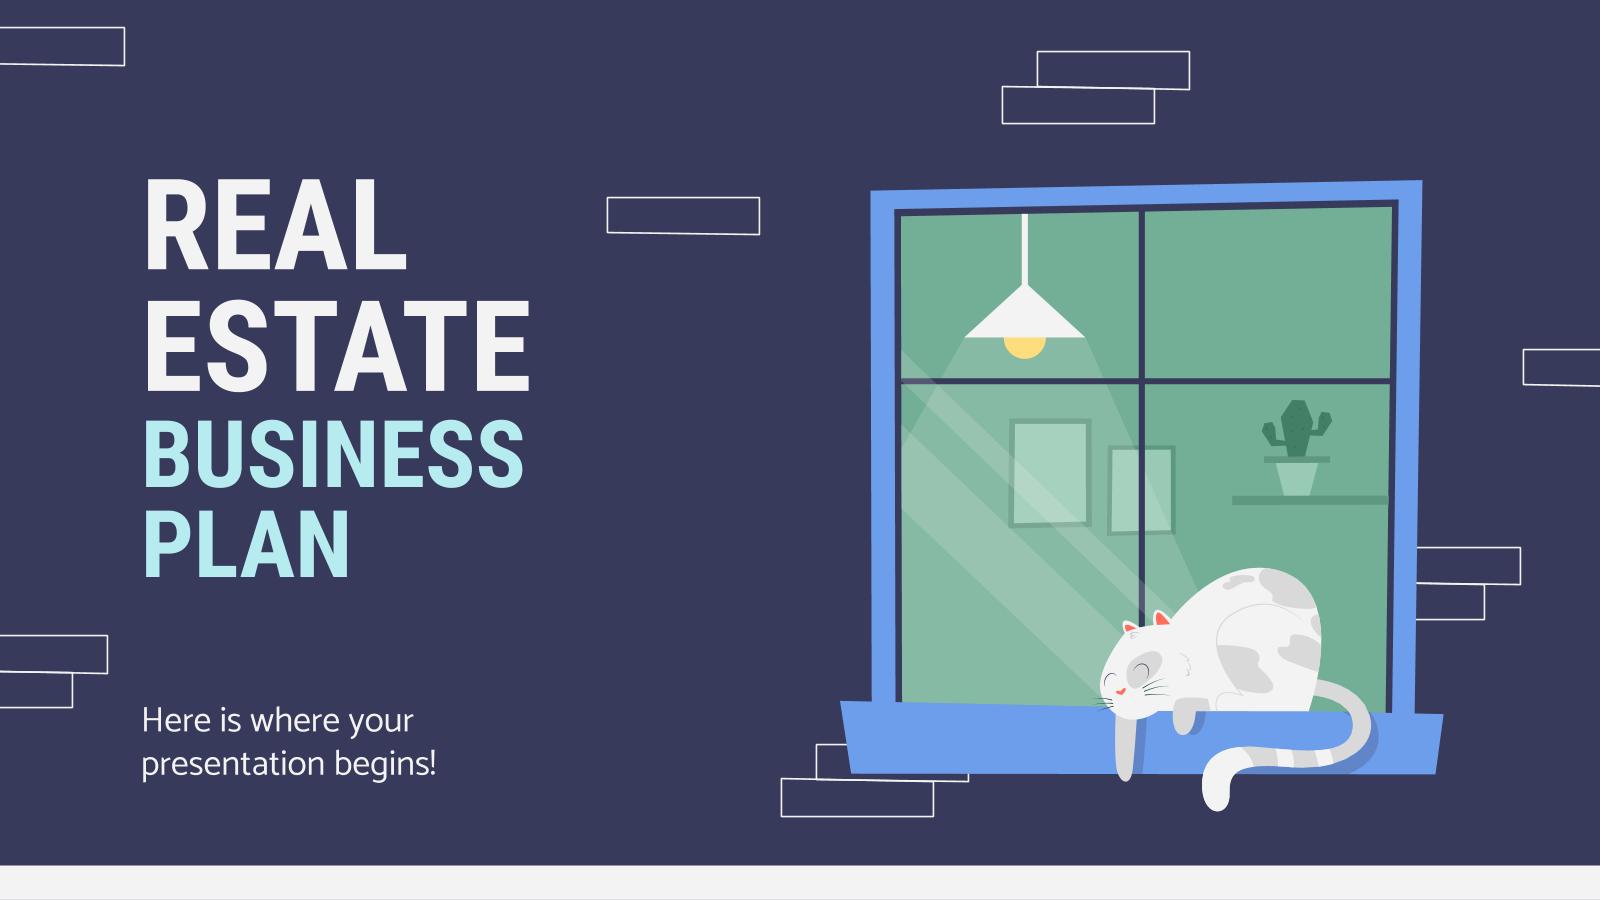 Modelo de apresentação Plano de negócios: setor imobiliário